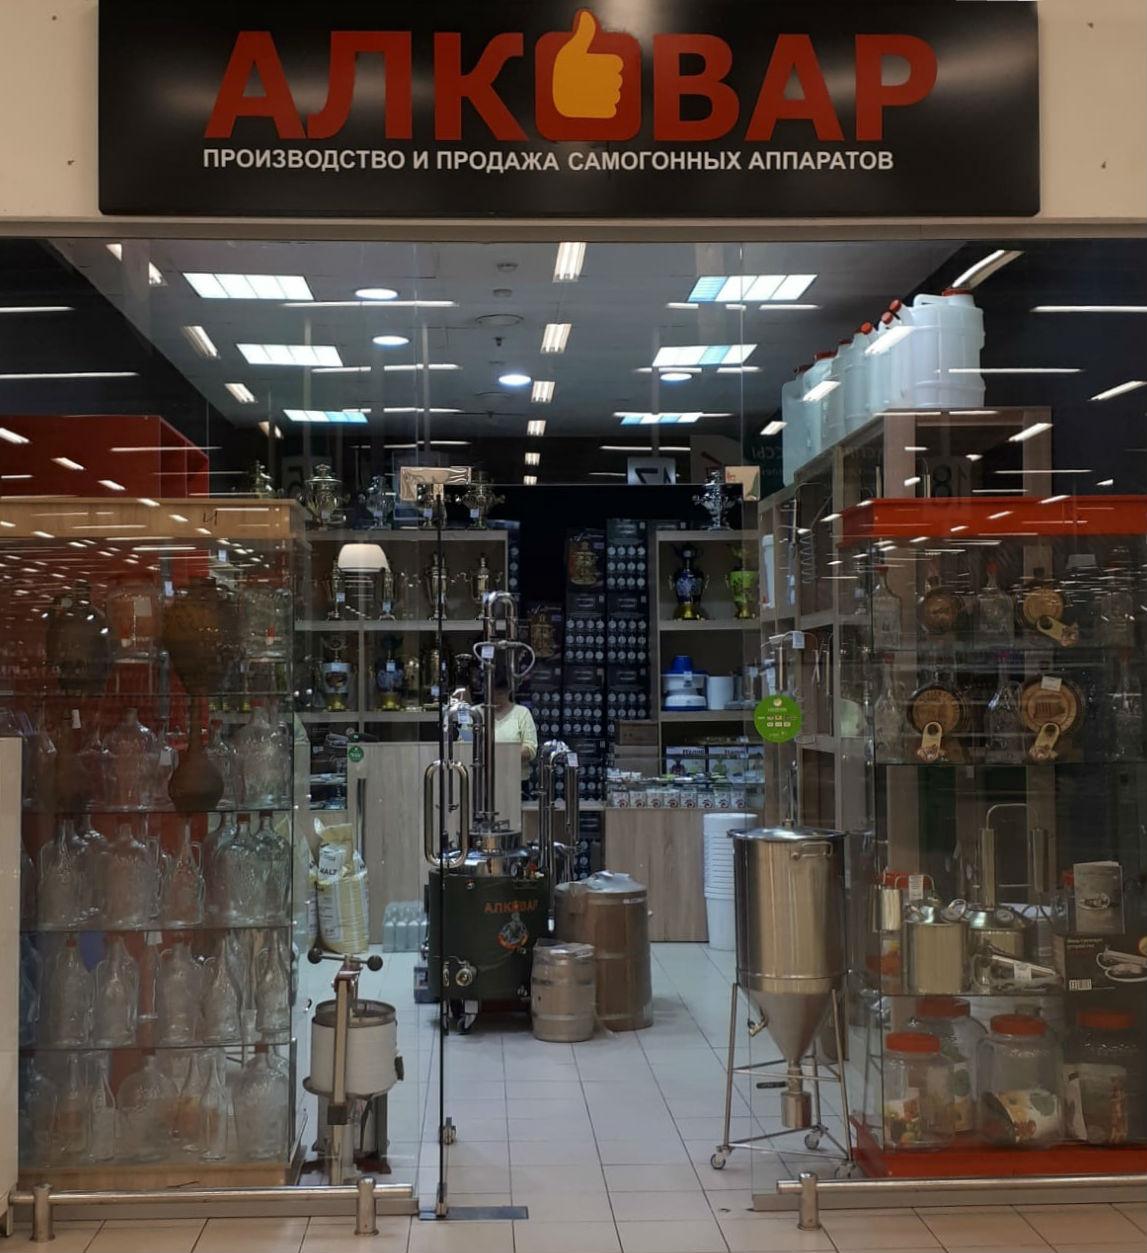 Магазин самогонных аппаратов АЛКОВАР в Нижнем Новгороде в Окее на Проспекте Ленина